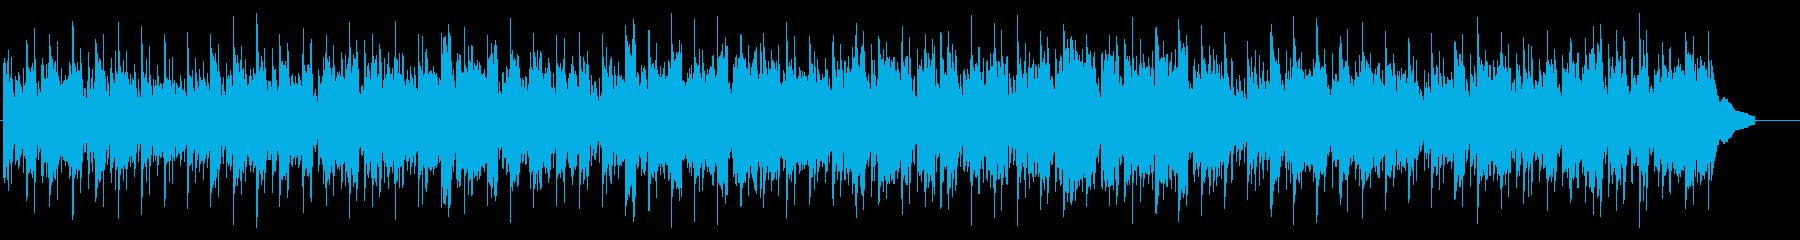 のどかで優しい日常リラックス系BGMの再生済みの波形